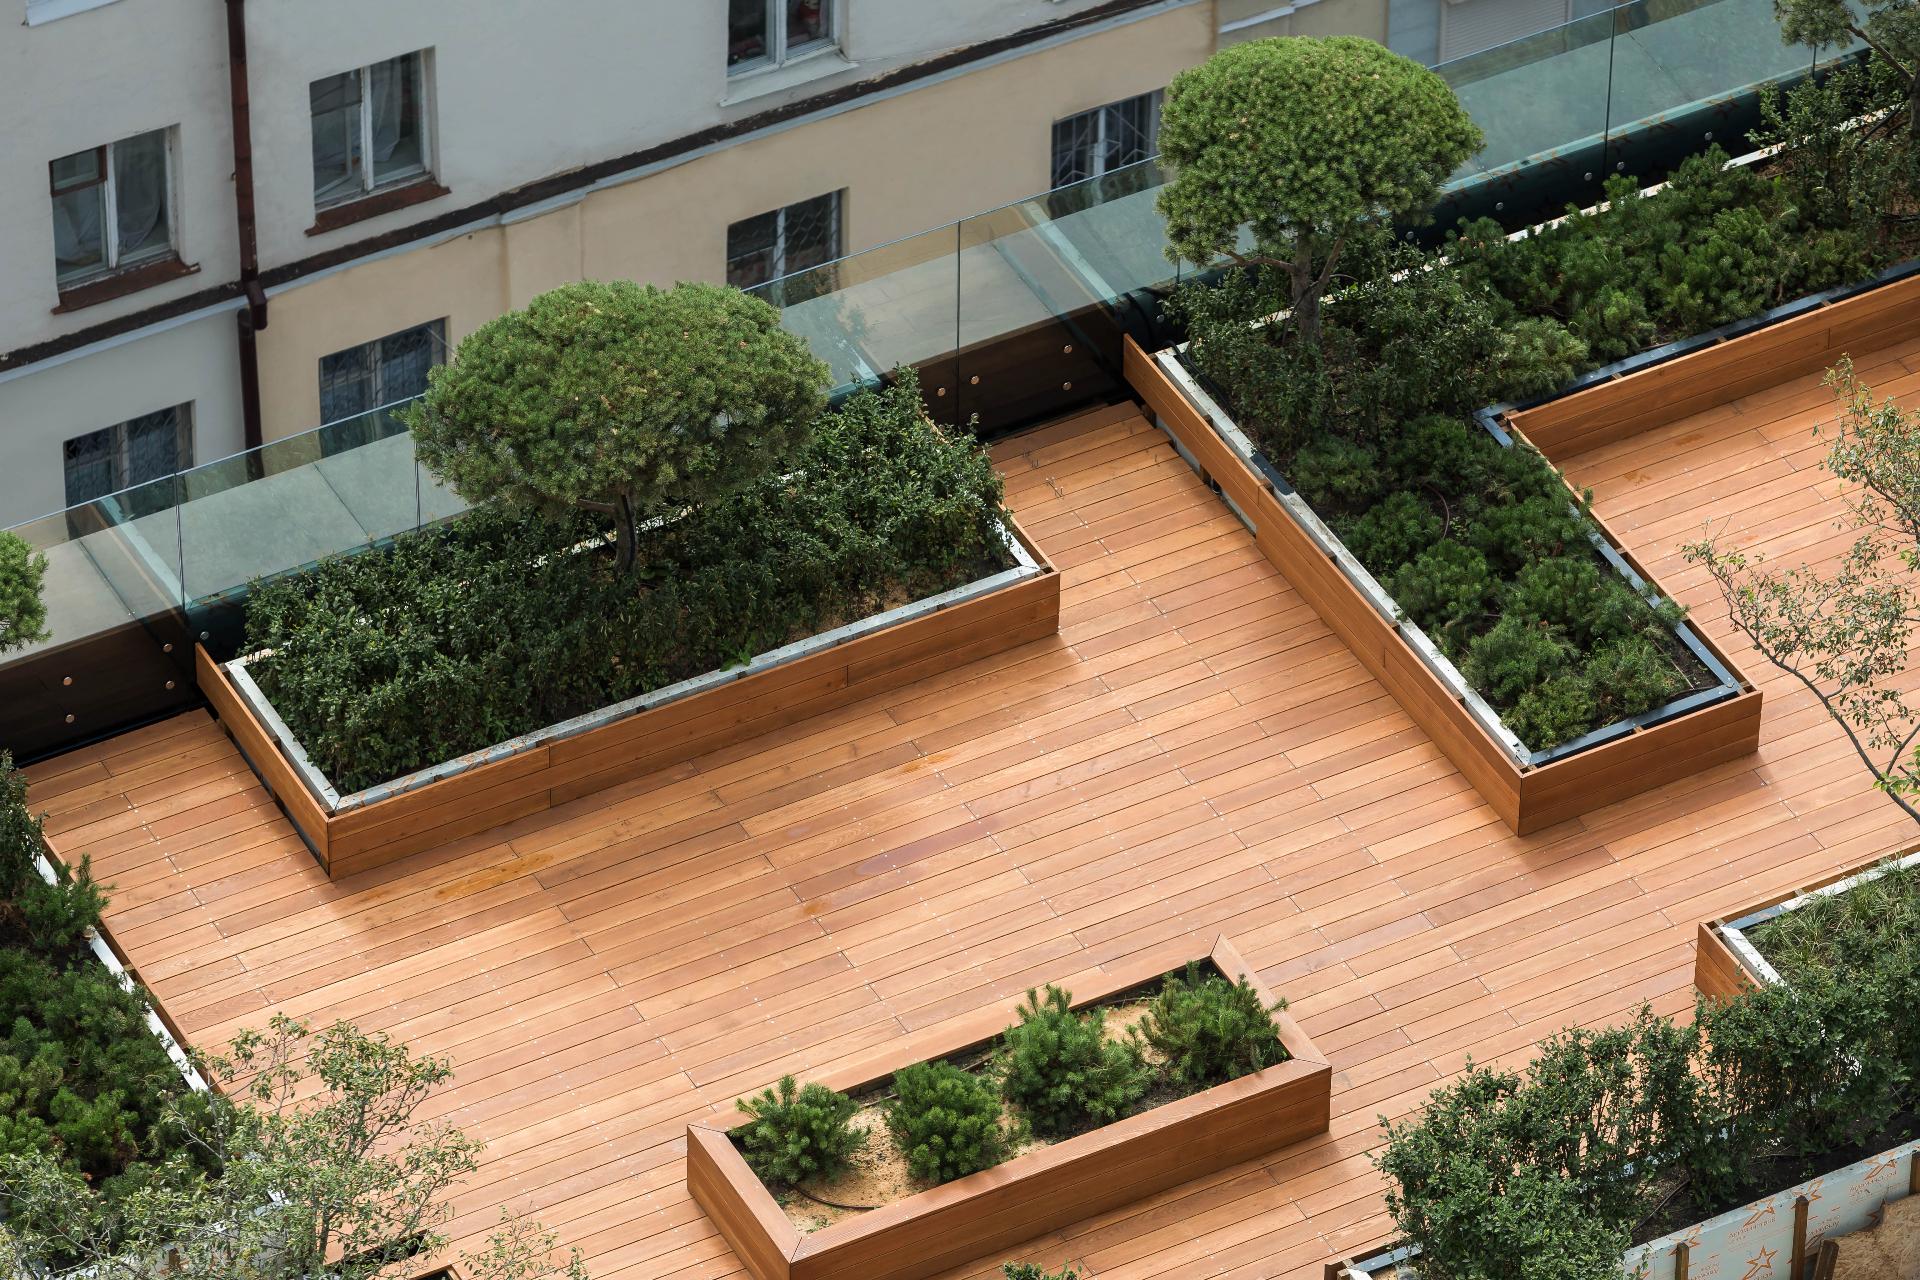 Террасы вошли в топ-3 дополнительных характеристик квартиры, на которые покупатели обращают внимание при выборе жилья